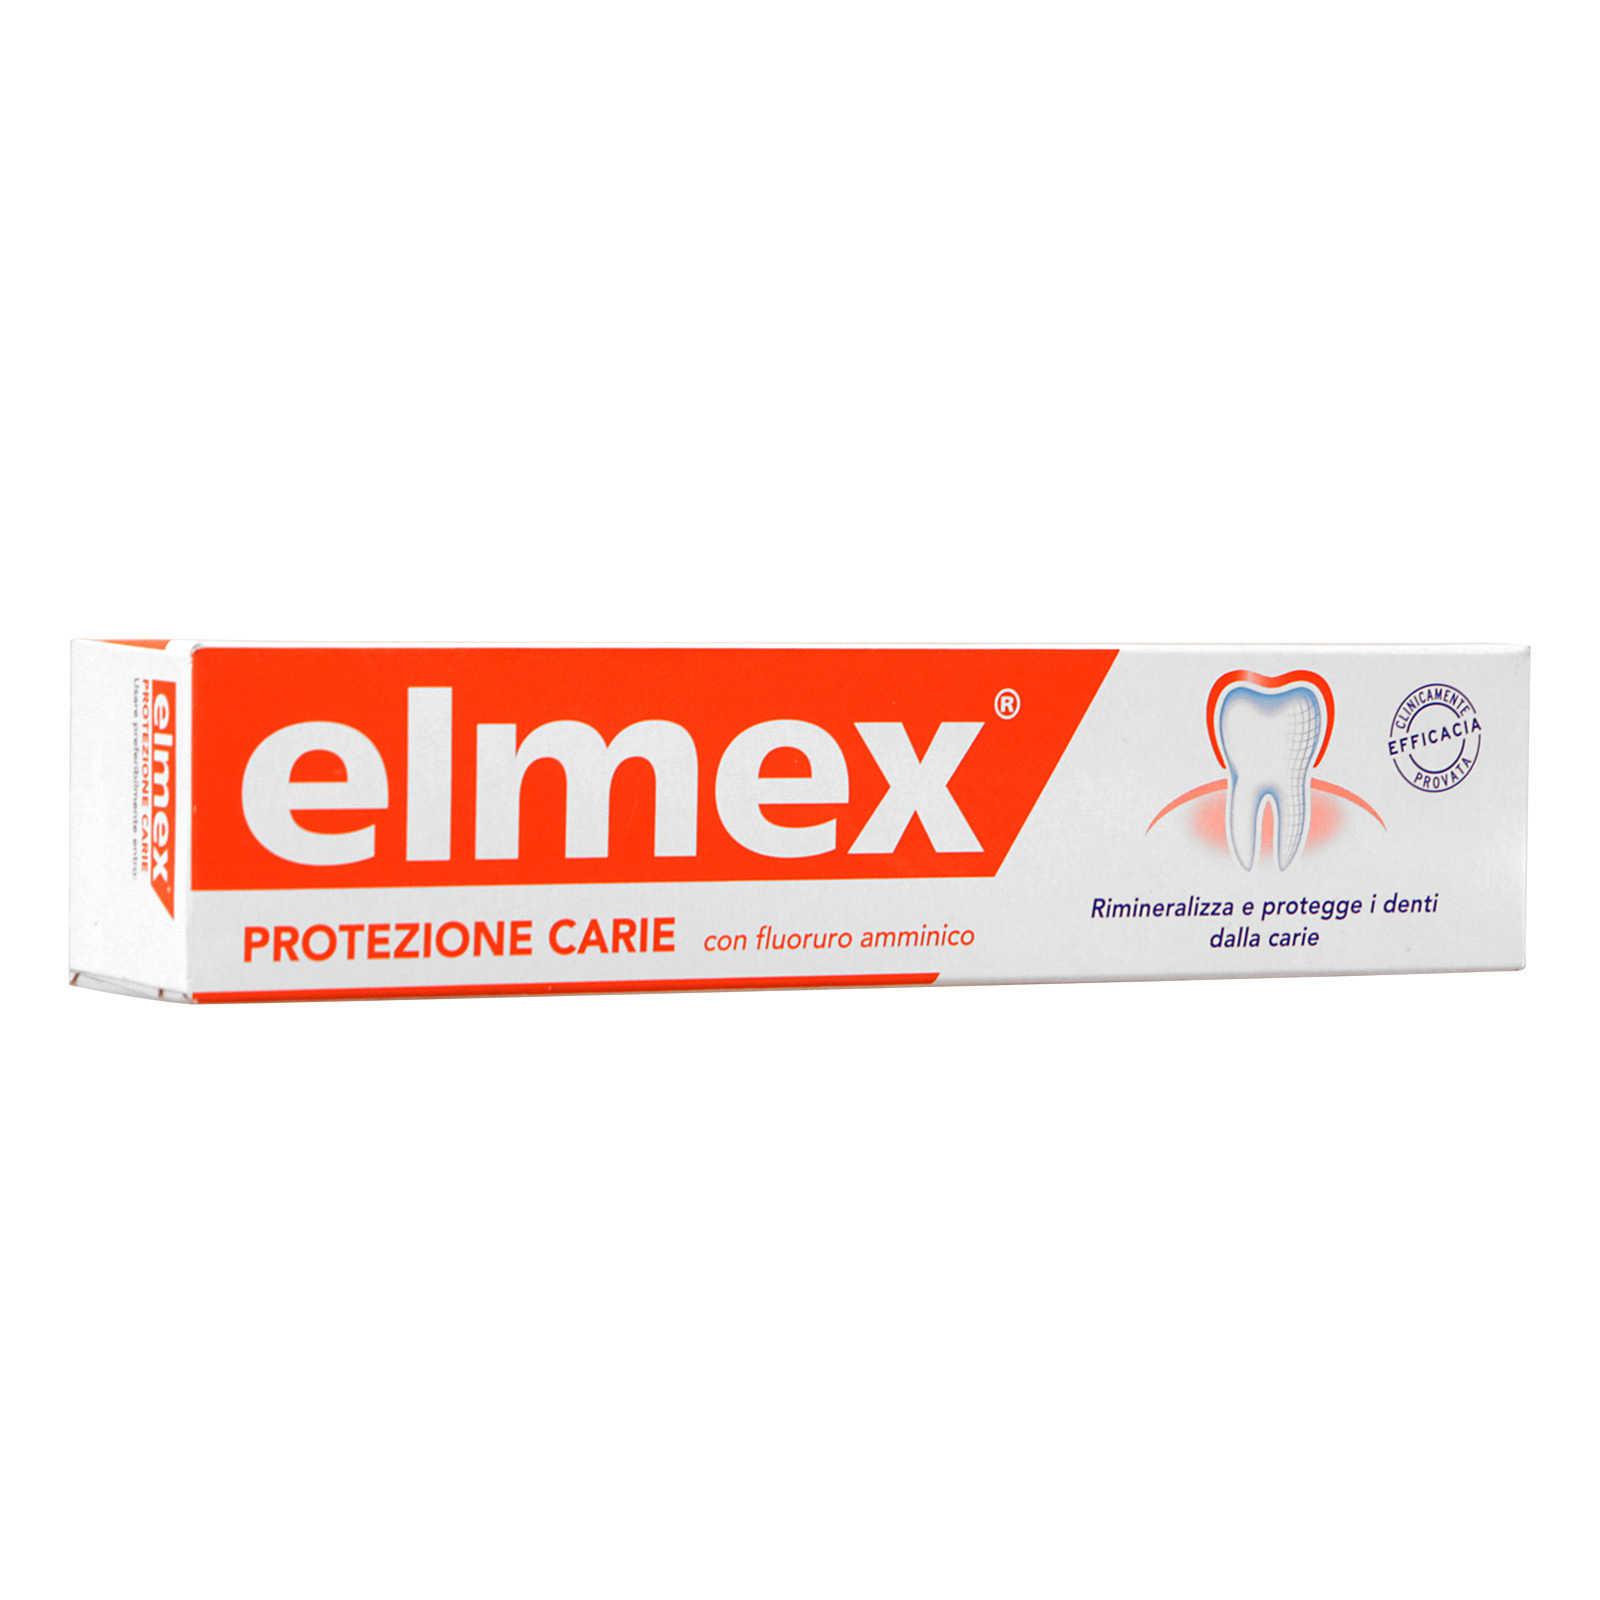 Elmex Dentifricio rimineralizzante - Protezione Carie